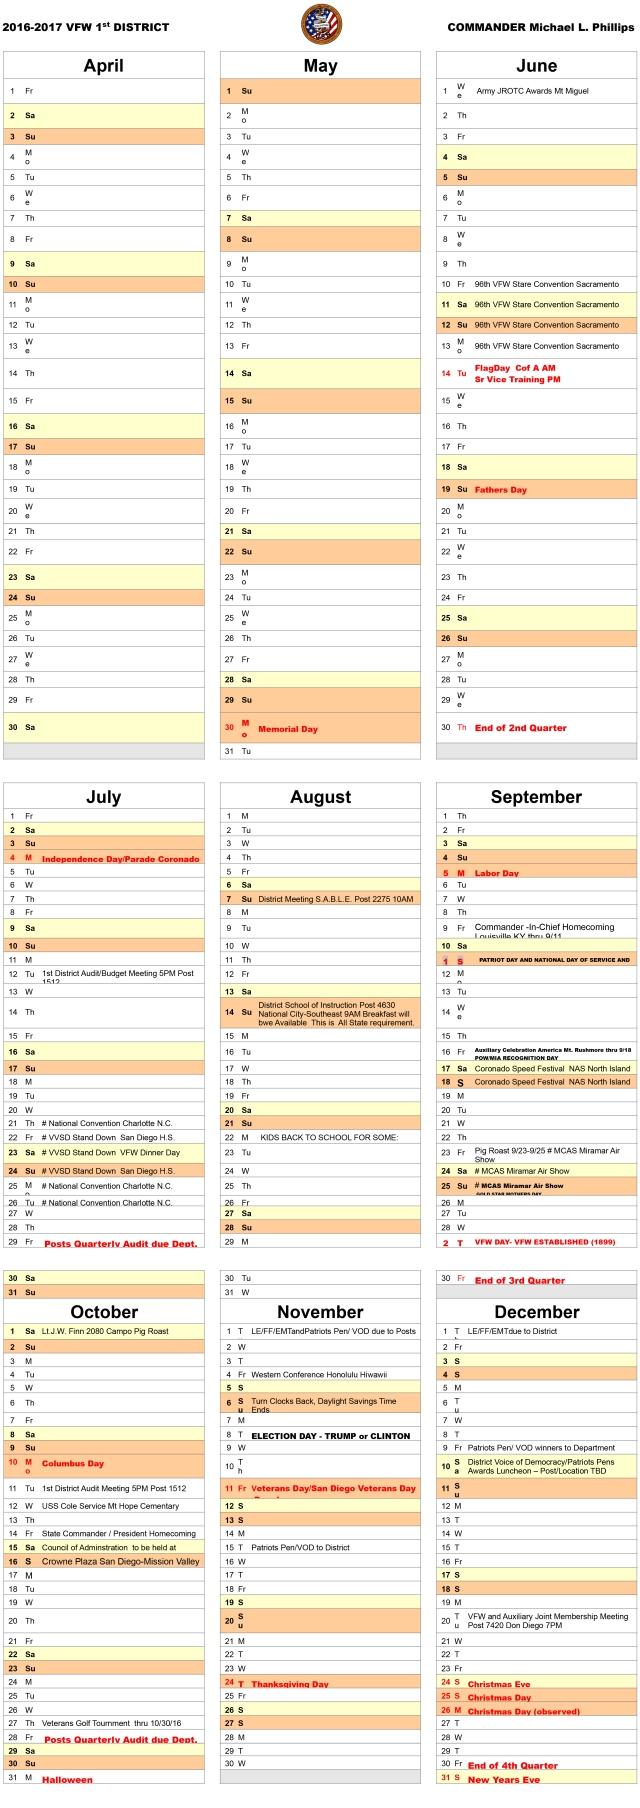 1st district calendar fy 16-17 June to December